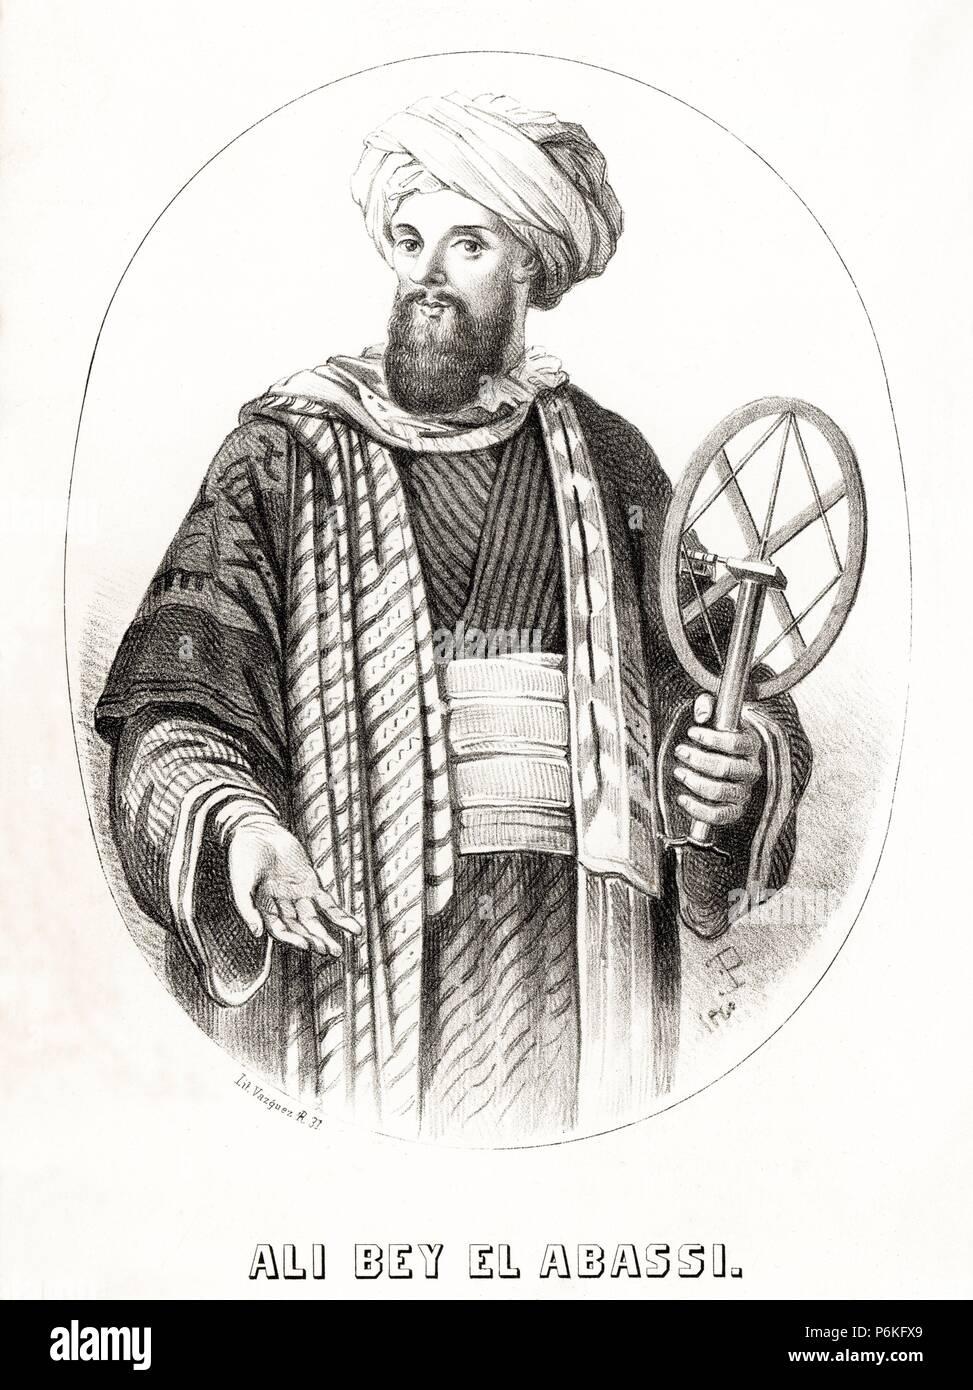 España. Domènec Badia Leblich (1766-1818), espía, aventurero y arabista catalán conocido como Ali-Bey el Abbassí. Grabado de 1860. Stock Photo